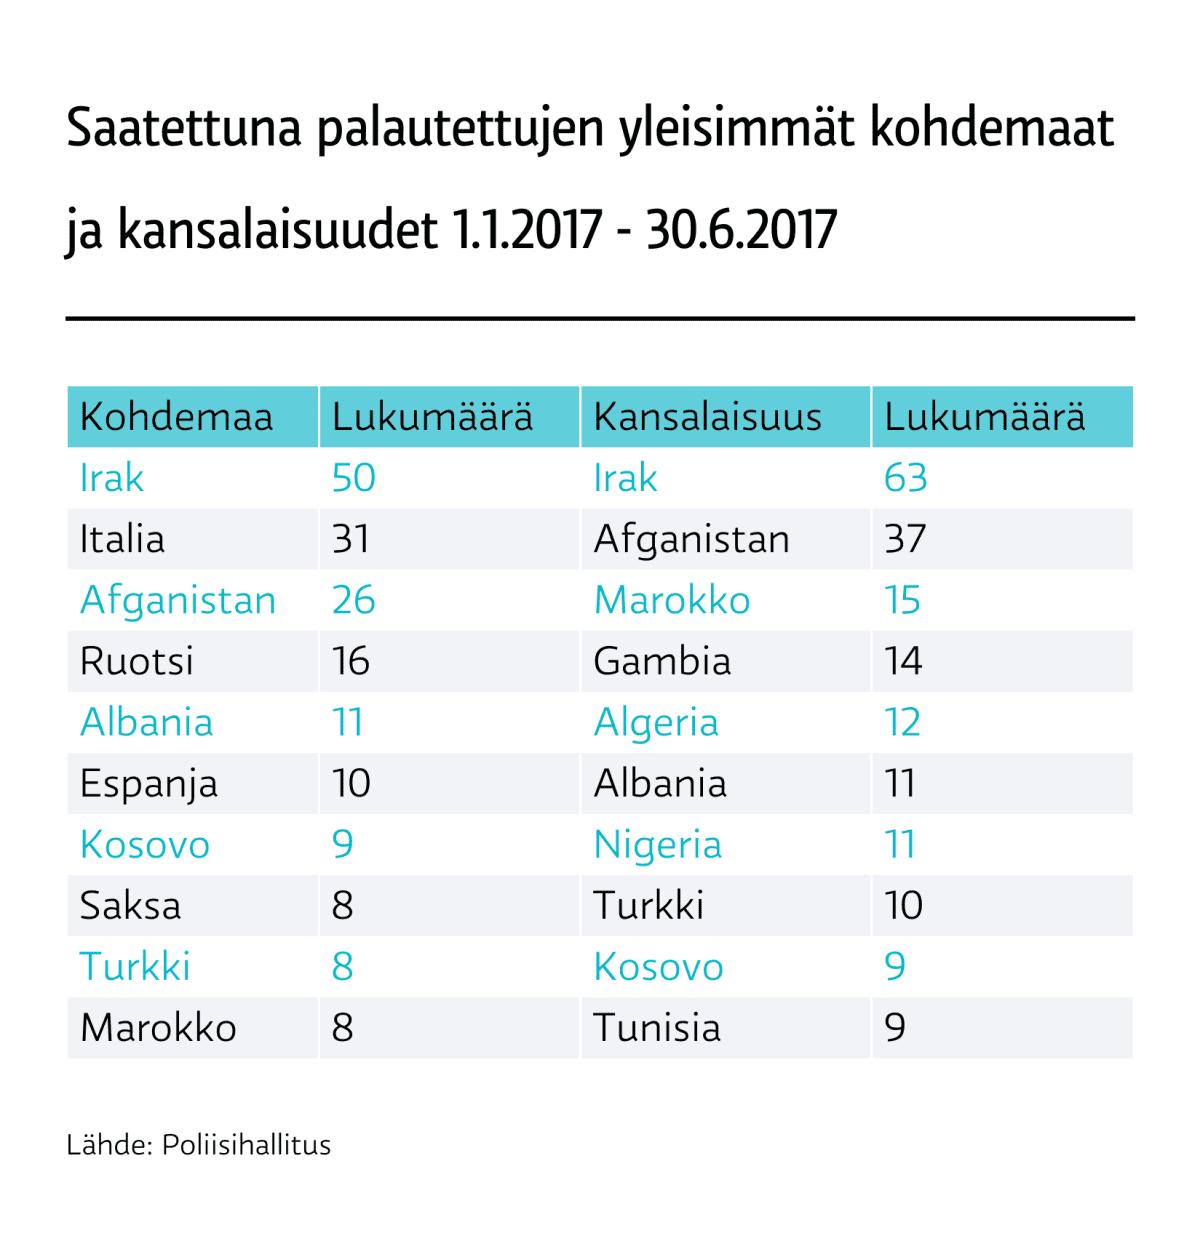 Saatettuna palautettujen yleisimmät kohdemaat ja kansalaisuudet 1.1.2017 - 30.6.2017.